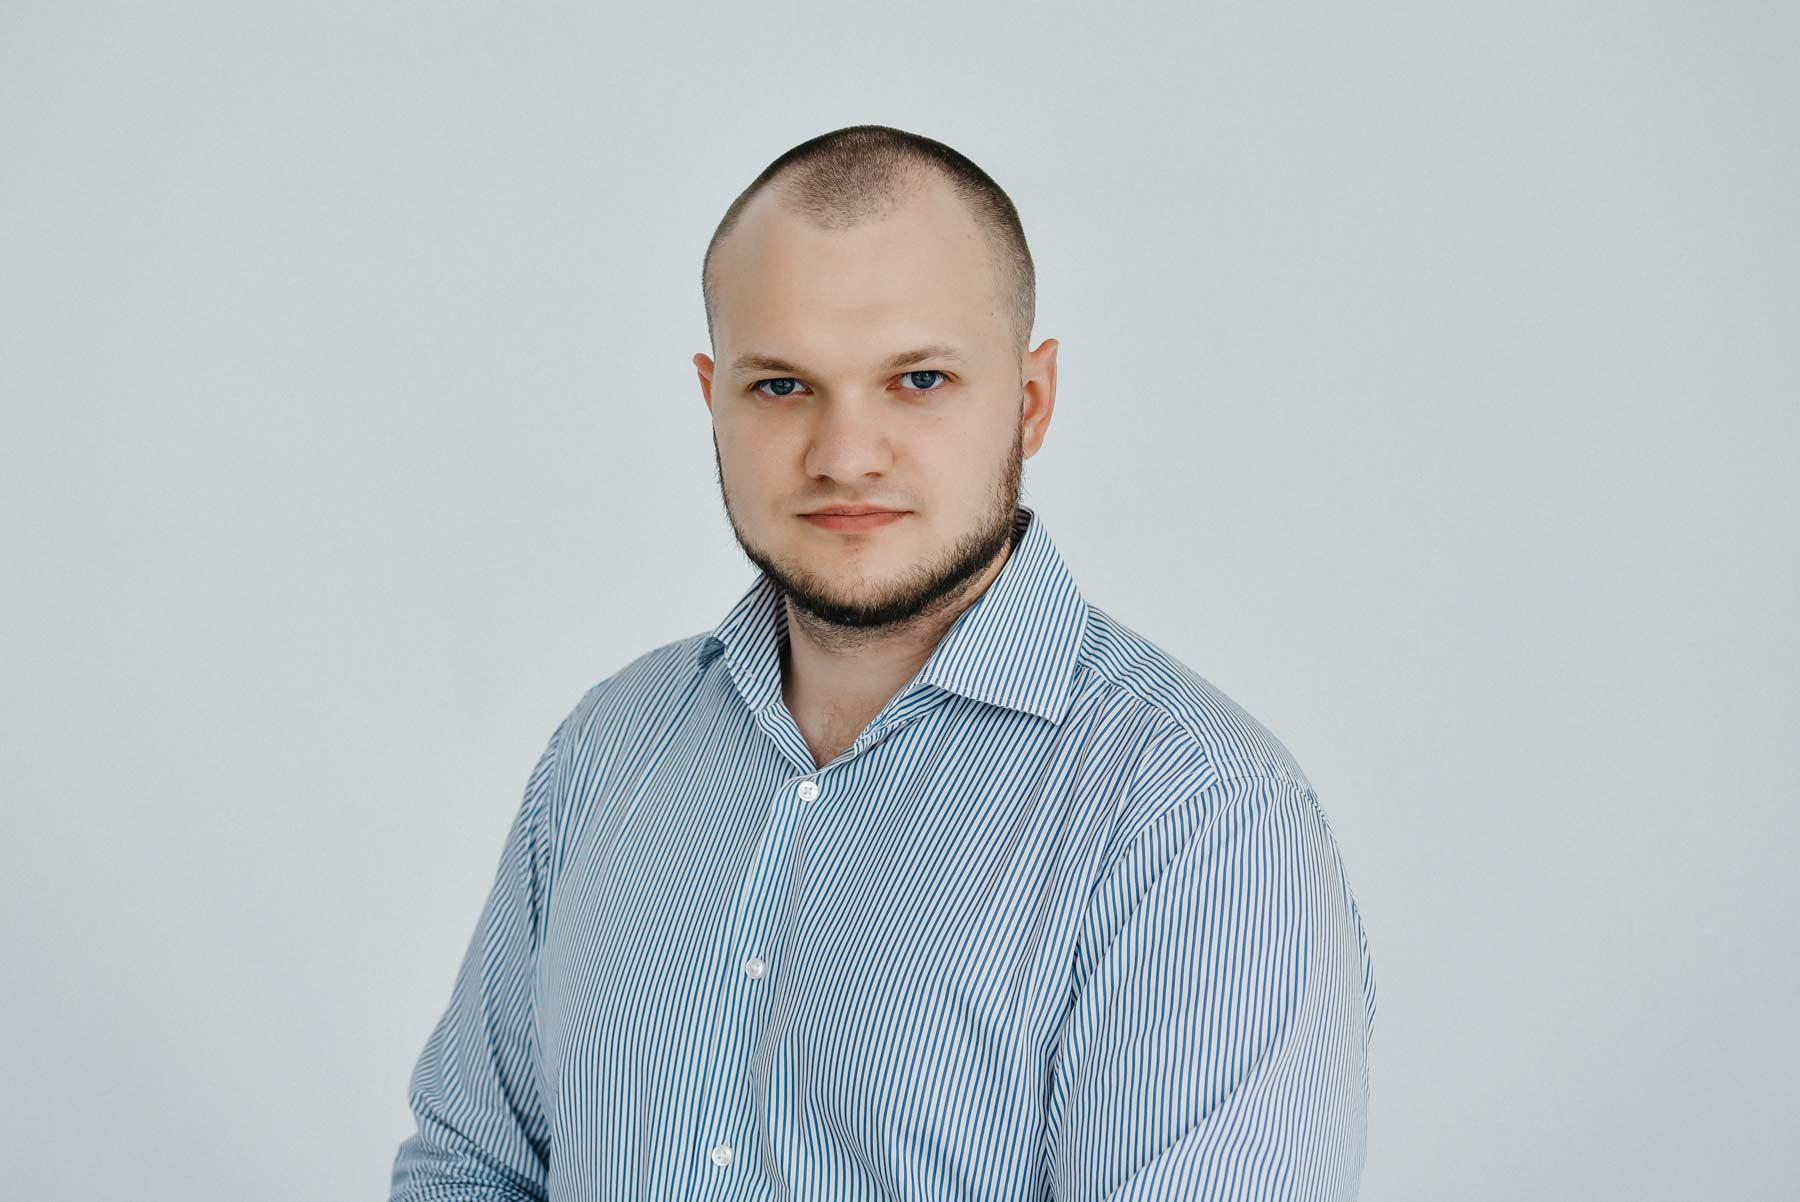 История успеха: Андрей Бекарев, основатель и руководитель платформы Apatris